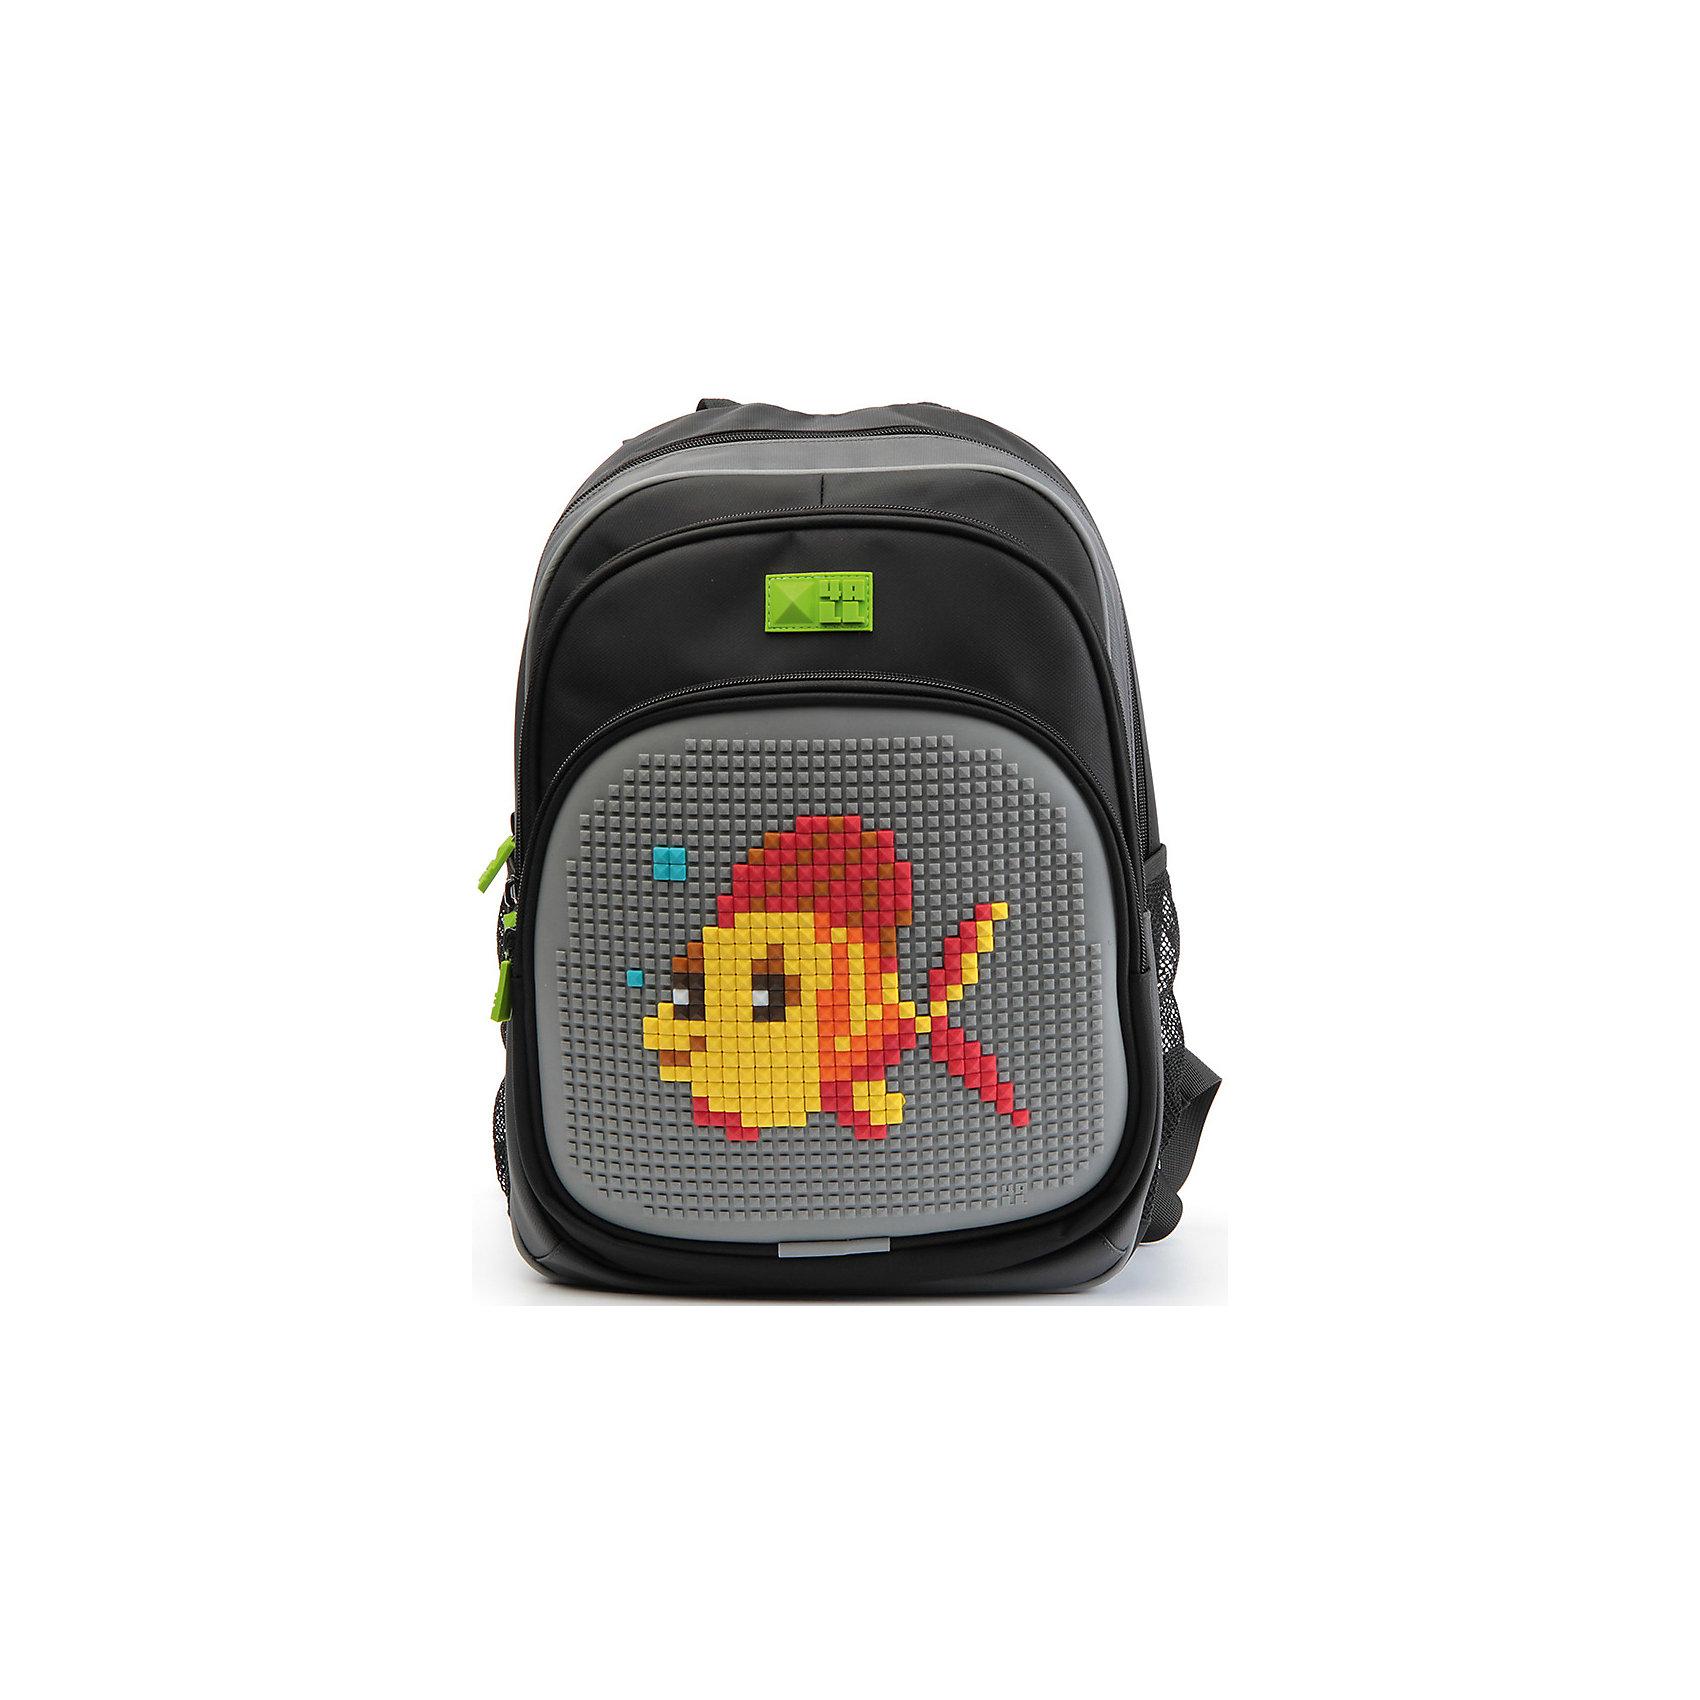 4ALL Рюкзак Kids, черно-серыйРюкзаки<br>Рюкзак KIDS - это одновременно и яркий, функциональный школьный аксессуар, и безграничная площадка для самовыражения, способная подчеркнуть любой выбранный образ. С помощью уникальной силиконовой панели и набора пластиковых пикселей-битов можно декорировать фасад рюкзака, как угодно, полагаясь на свое воображение и вкус. А все материалы, задействованные при изготовлении, имеют специальную вода- и грязеотталкивающую пропитку, что гарантирует практичность, износостойкость и долговечность рюкзака.<br><br>Такой современный и интересный ранец будет прекрасным подарком к 1 сентября!<br><br>Особенности:<br>AIR COMFORT system:<br>- Система свободной циркуляции воздуха между задней стенкой рюкзака и спиной ребенка.<br>- Совместно с ортопедической спиной ERGO system эта система воздухообмена делает ежедневное использование рюкзаков KIDS безопасным для здоровья и максимально комфортным!<br>ERGO system:<br>- Разработанная нами система ERGO служит равномерному распределению нагрузки на спину ребенка. Она способна сделать рюкзак, наполненный учебниками, легким. ERGO служит сохранению правильной осанки и заботится о здоровье позвоночника!<br>Ортопедическая спина:<br>- Важное свойство наших рюкзаков - ортопедическая спина! Способна как корсет поддерживать позвоночник, правильно распределяя нагрузку, а так же обеспечивает циркуляцию воздуха между задней стенкой рюкзака и спиной ребенка!<br>А также:<br>- Гипоаллергенный силикон;<br>- Водоотталкивающие материалы;<br>- Устойчивость всех материалов к температурам воздуха ниже 0!<br><br>Дополнительная информация:<br><br>- Рюкзак уже содержит 1 упаковку разноцветных пикселей-битов (300 шт.) для создания картинок<br>- Цвет: серый;<br>- Объем рюкзака: 22 л.<br>- Размер в упаковке: 39х27х15 см.<br>- Вес в упаковке: 950 г.<br><br>Рюкзак Kids в сине-зеленом  цвете , можно купить в нашем магазине.<br><br>Ширина мм: 390<br>Глубина мм: 270<br>Высота мм: 150<br>Вес г: 950<br>Возраст от месяцев: 36<br>Возраст